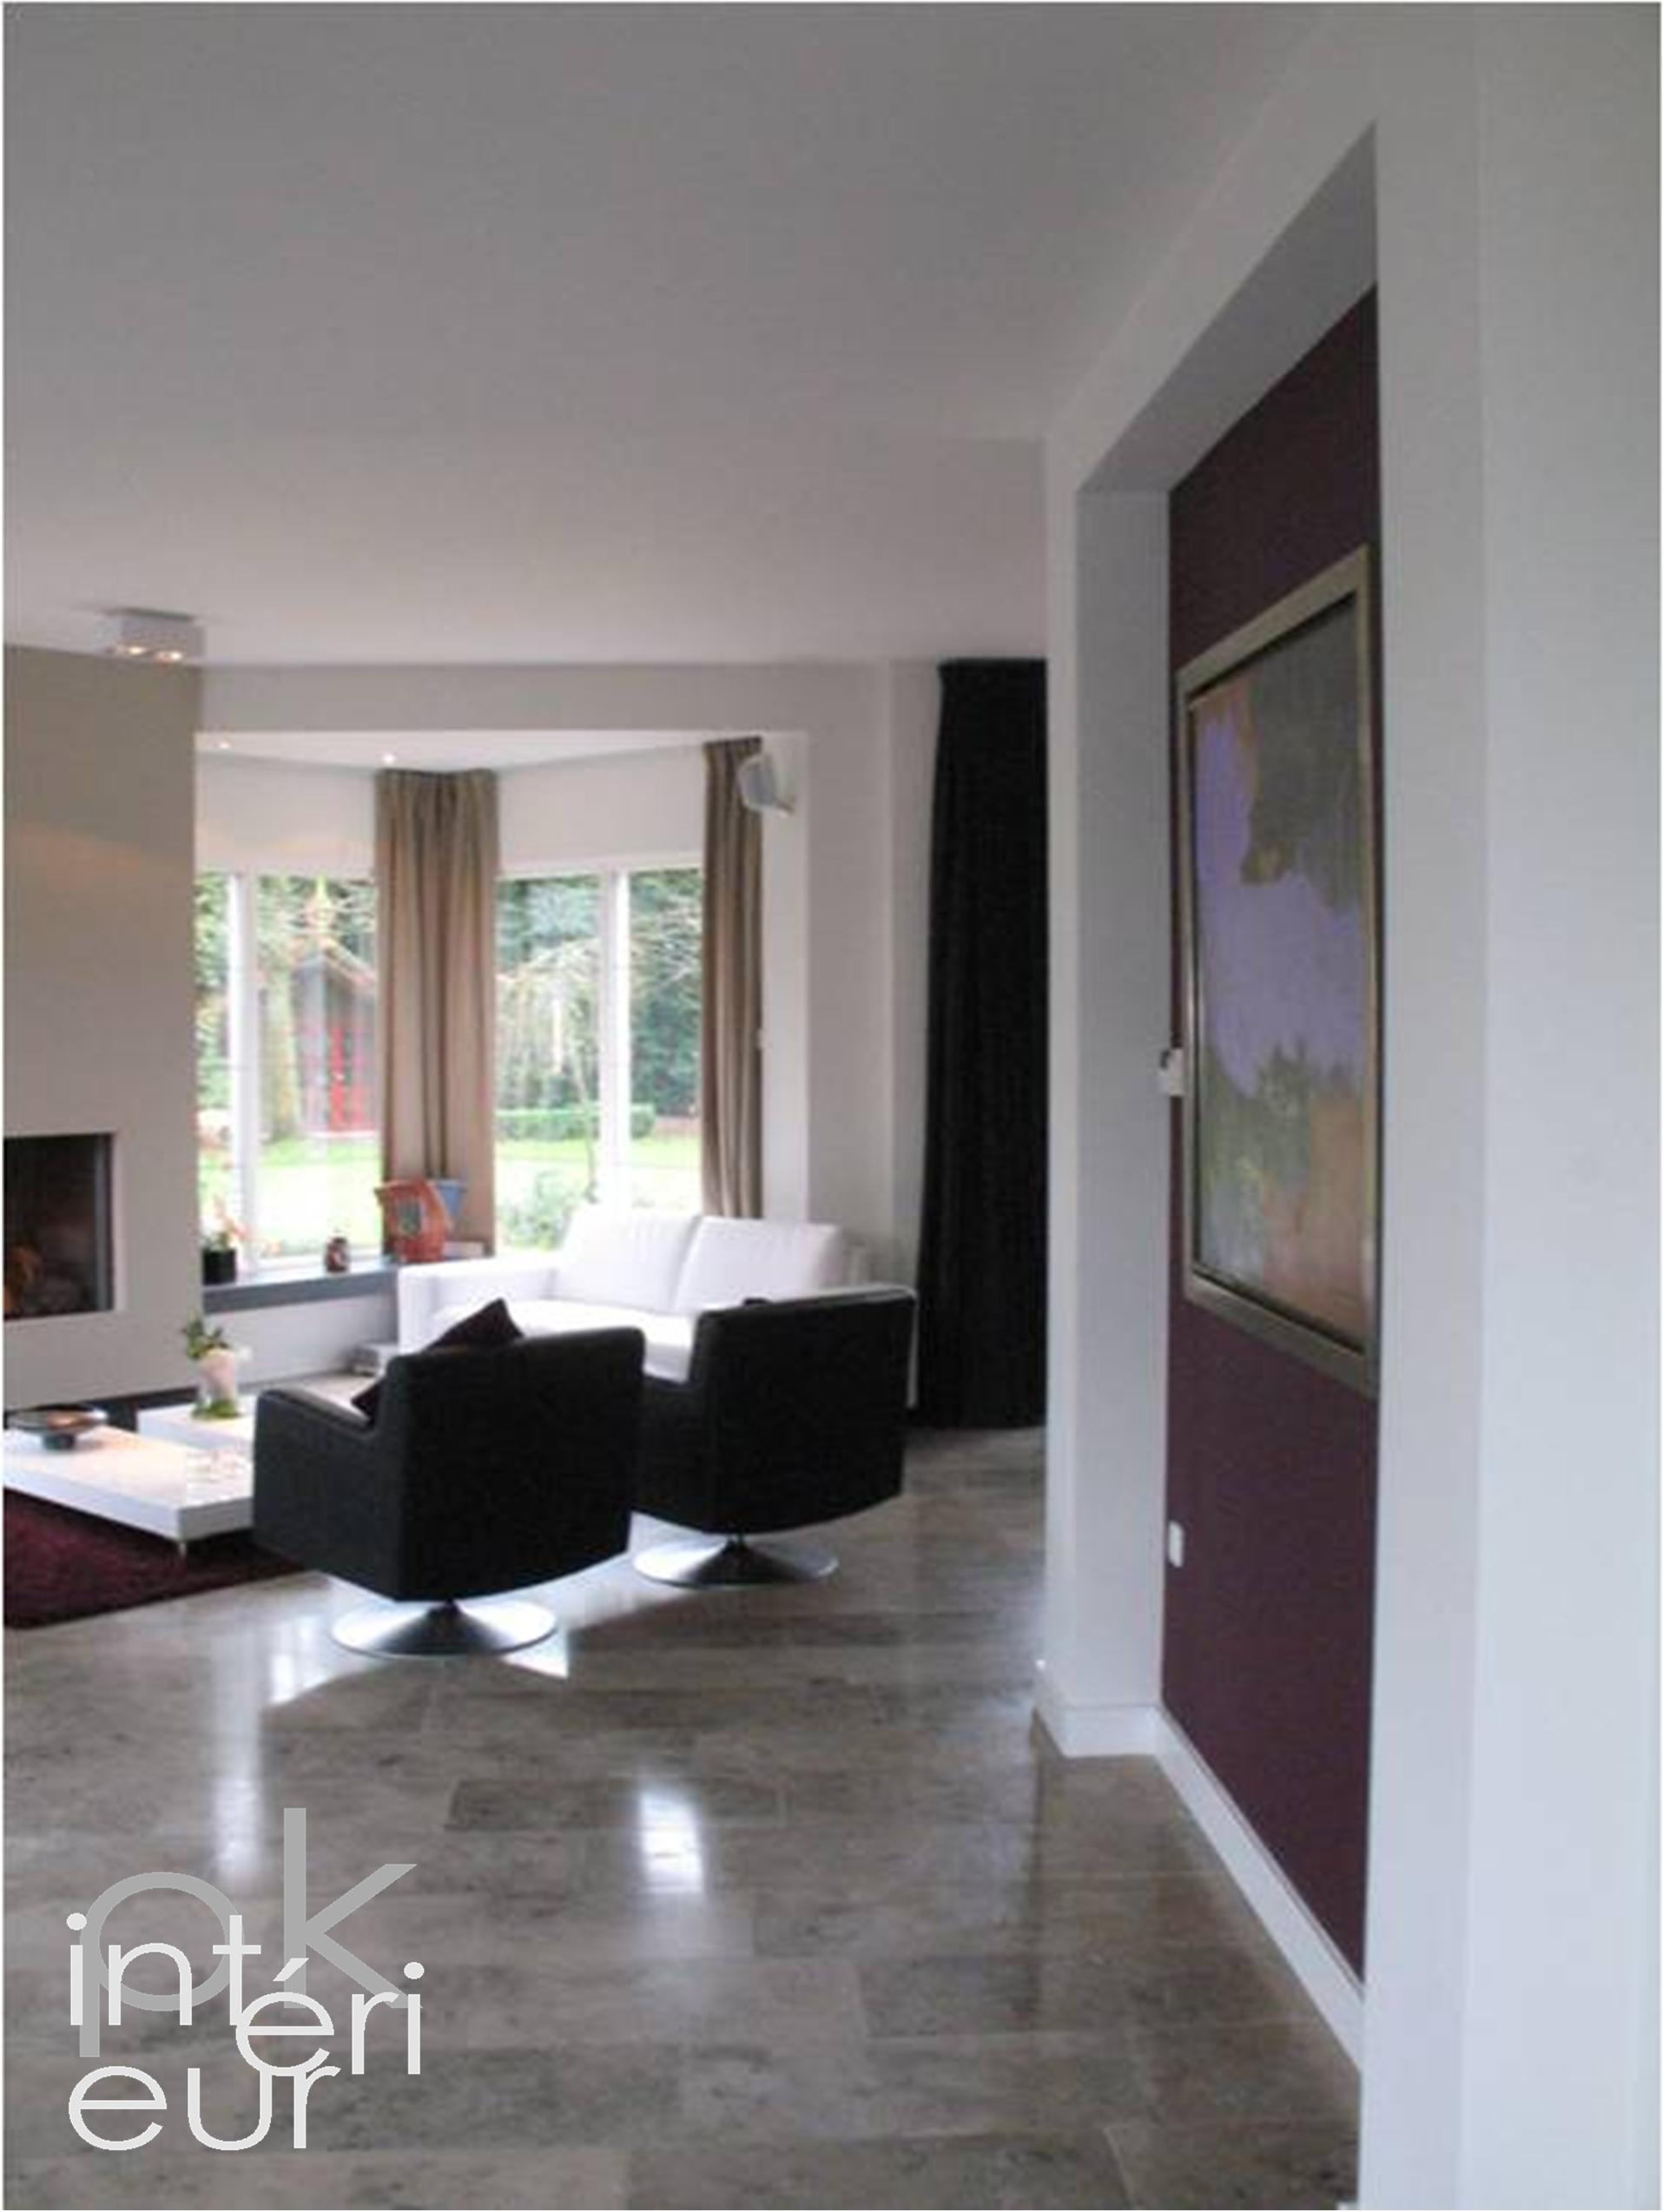 Am nagement et conseil d int rieur de rez de chauss e de maison pk interieur lyon - Inspiratie salon moderne ...